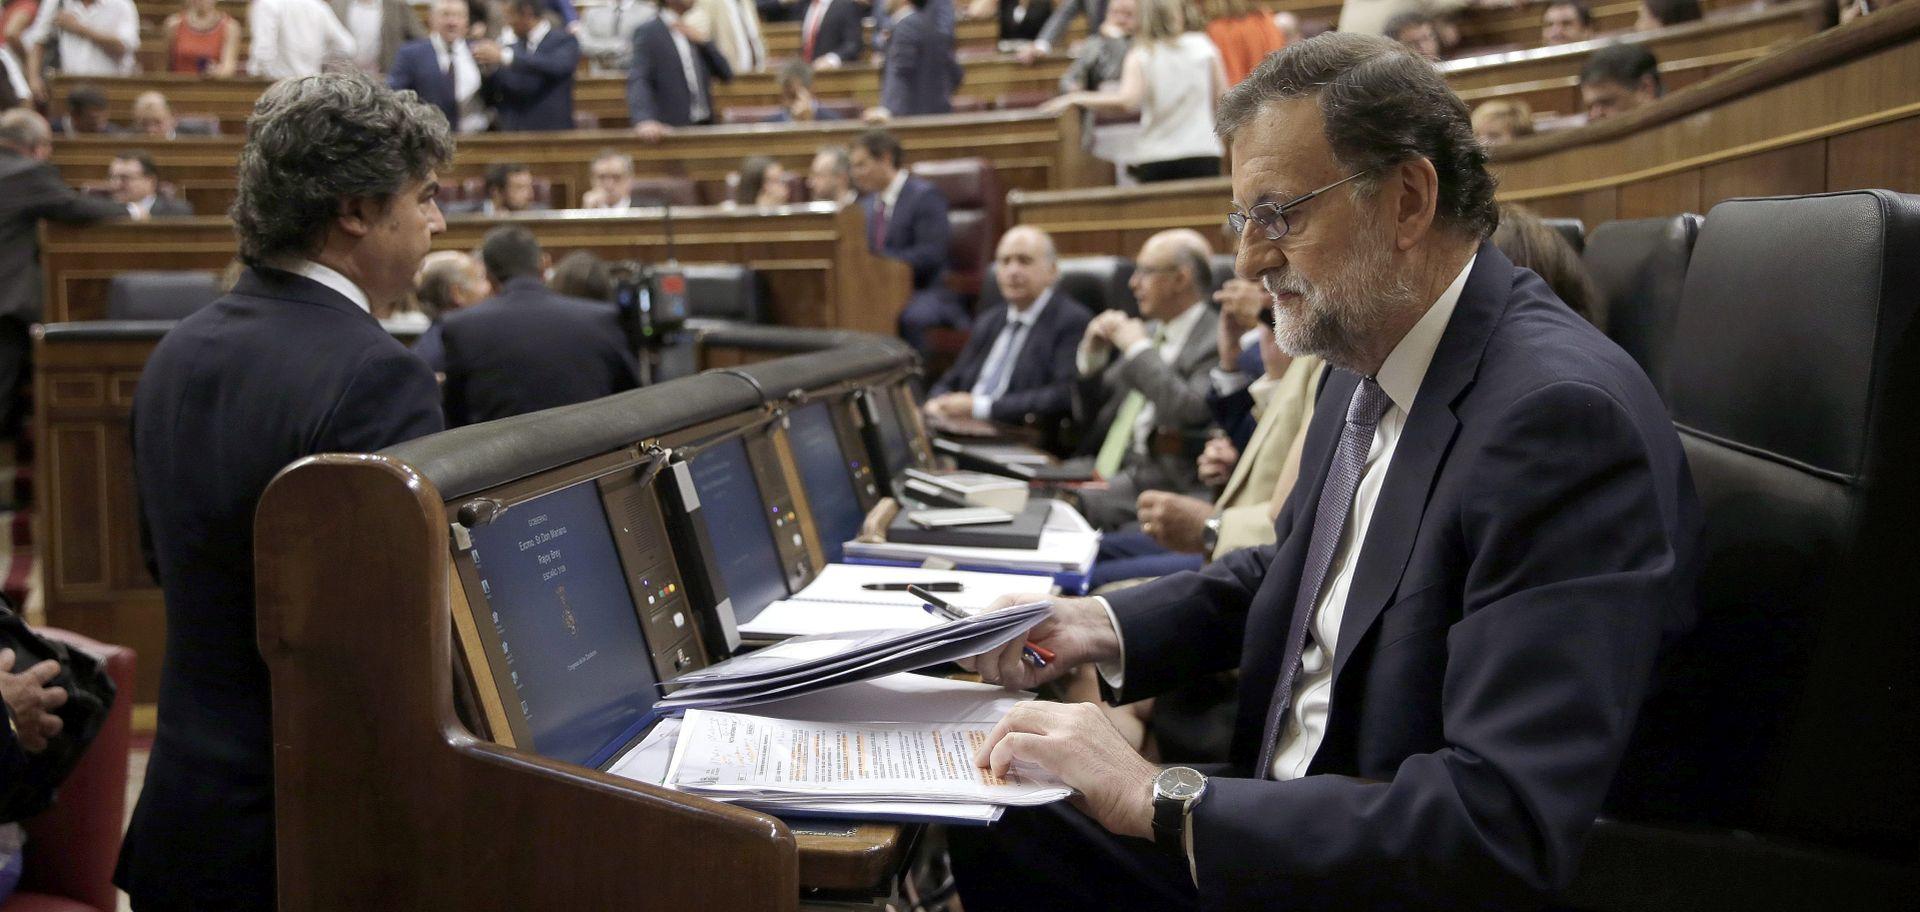 Rajoy nije dobio potporu parlamenta